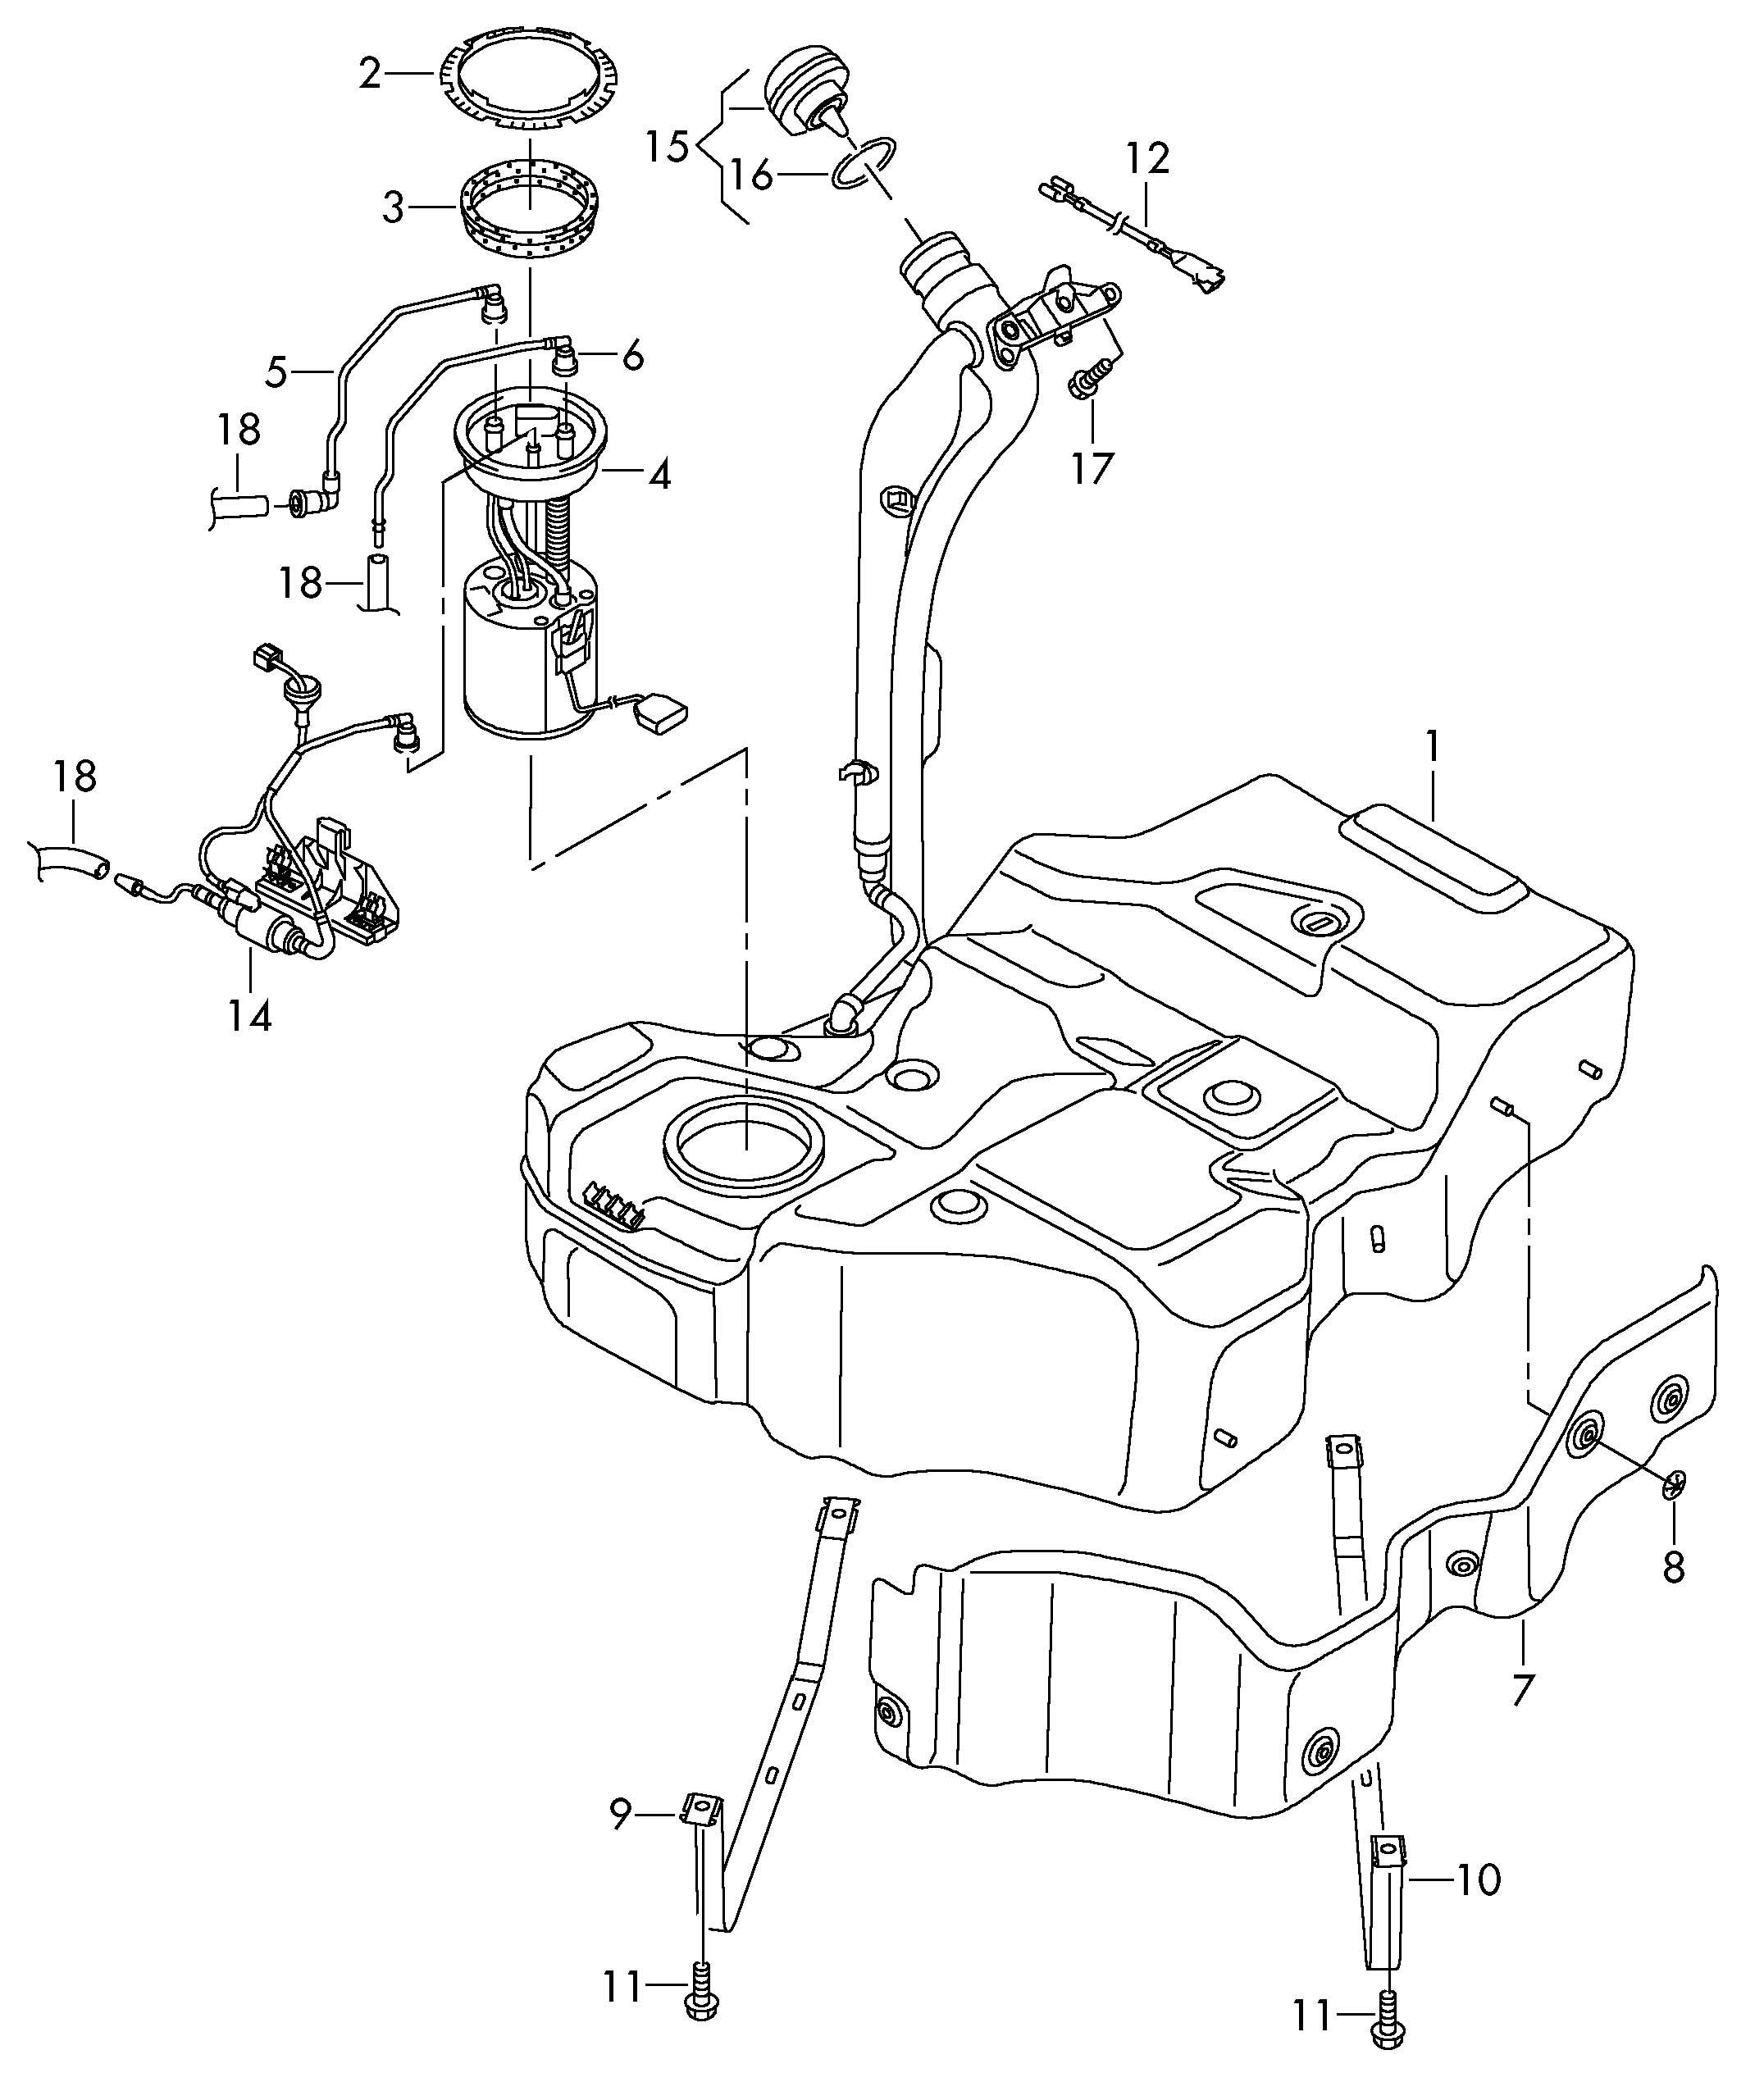 volkswagen routan engine diagram  volkswagen  auto wiring